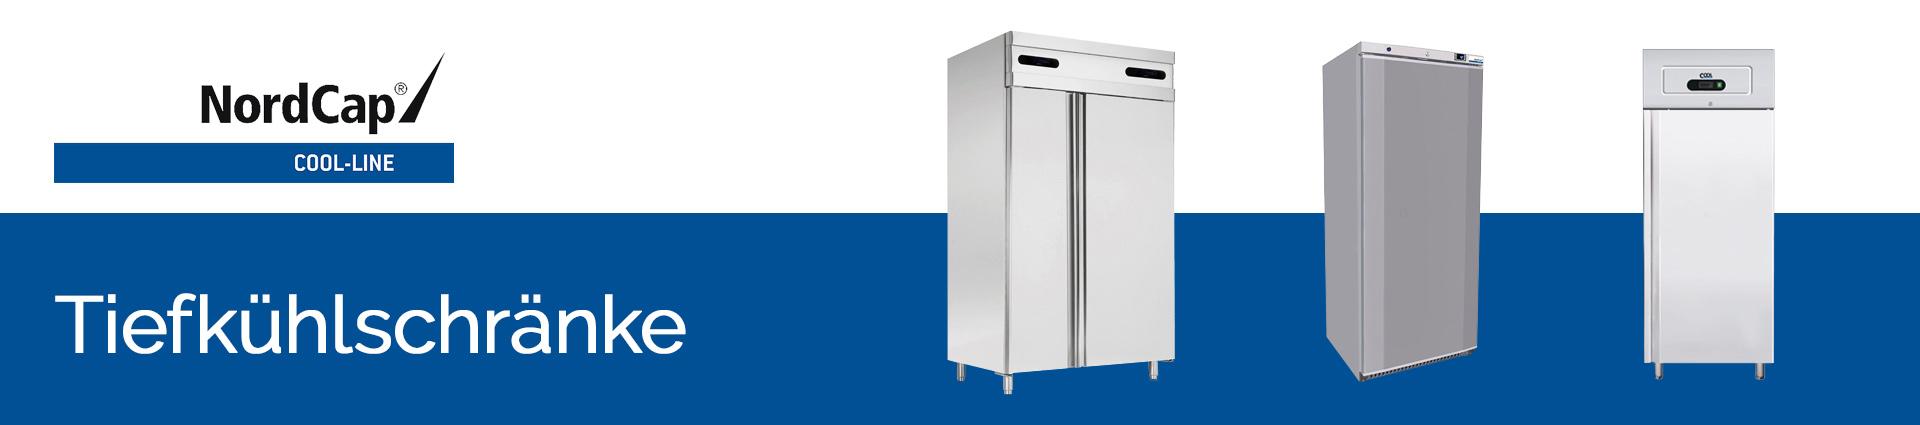 NordCap Cool-Line Tiefkühlschränke Banner